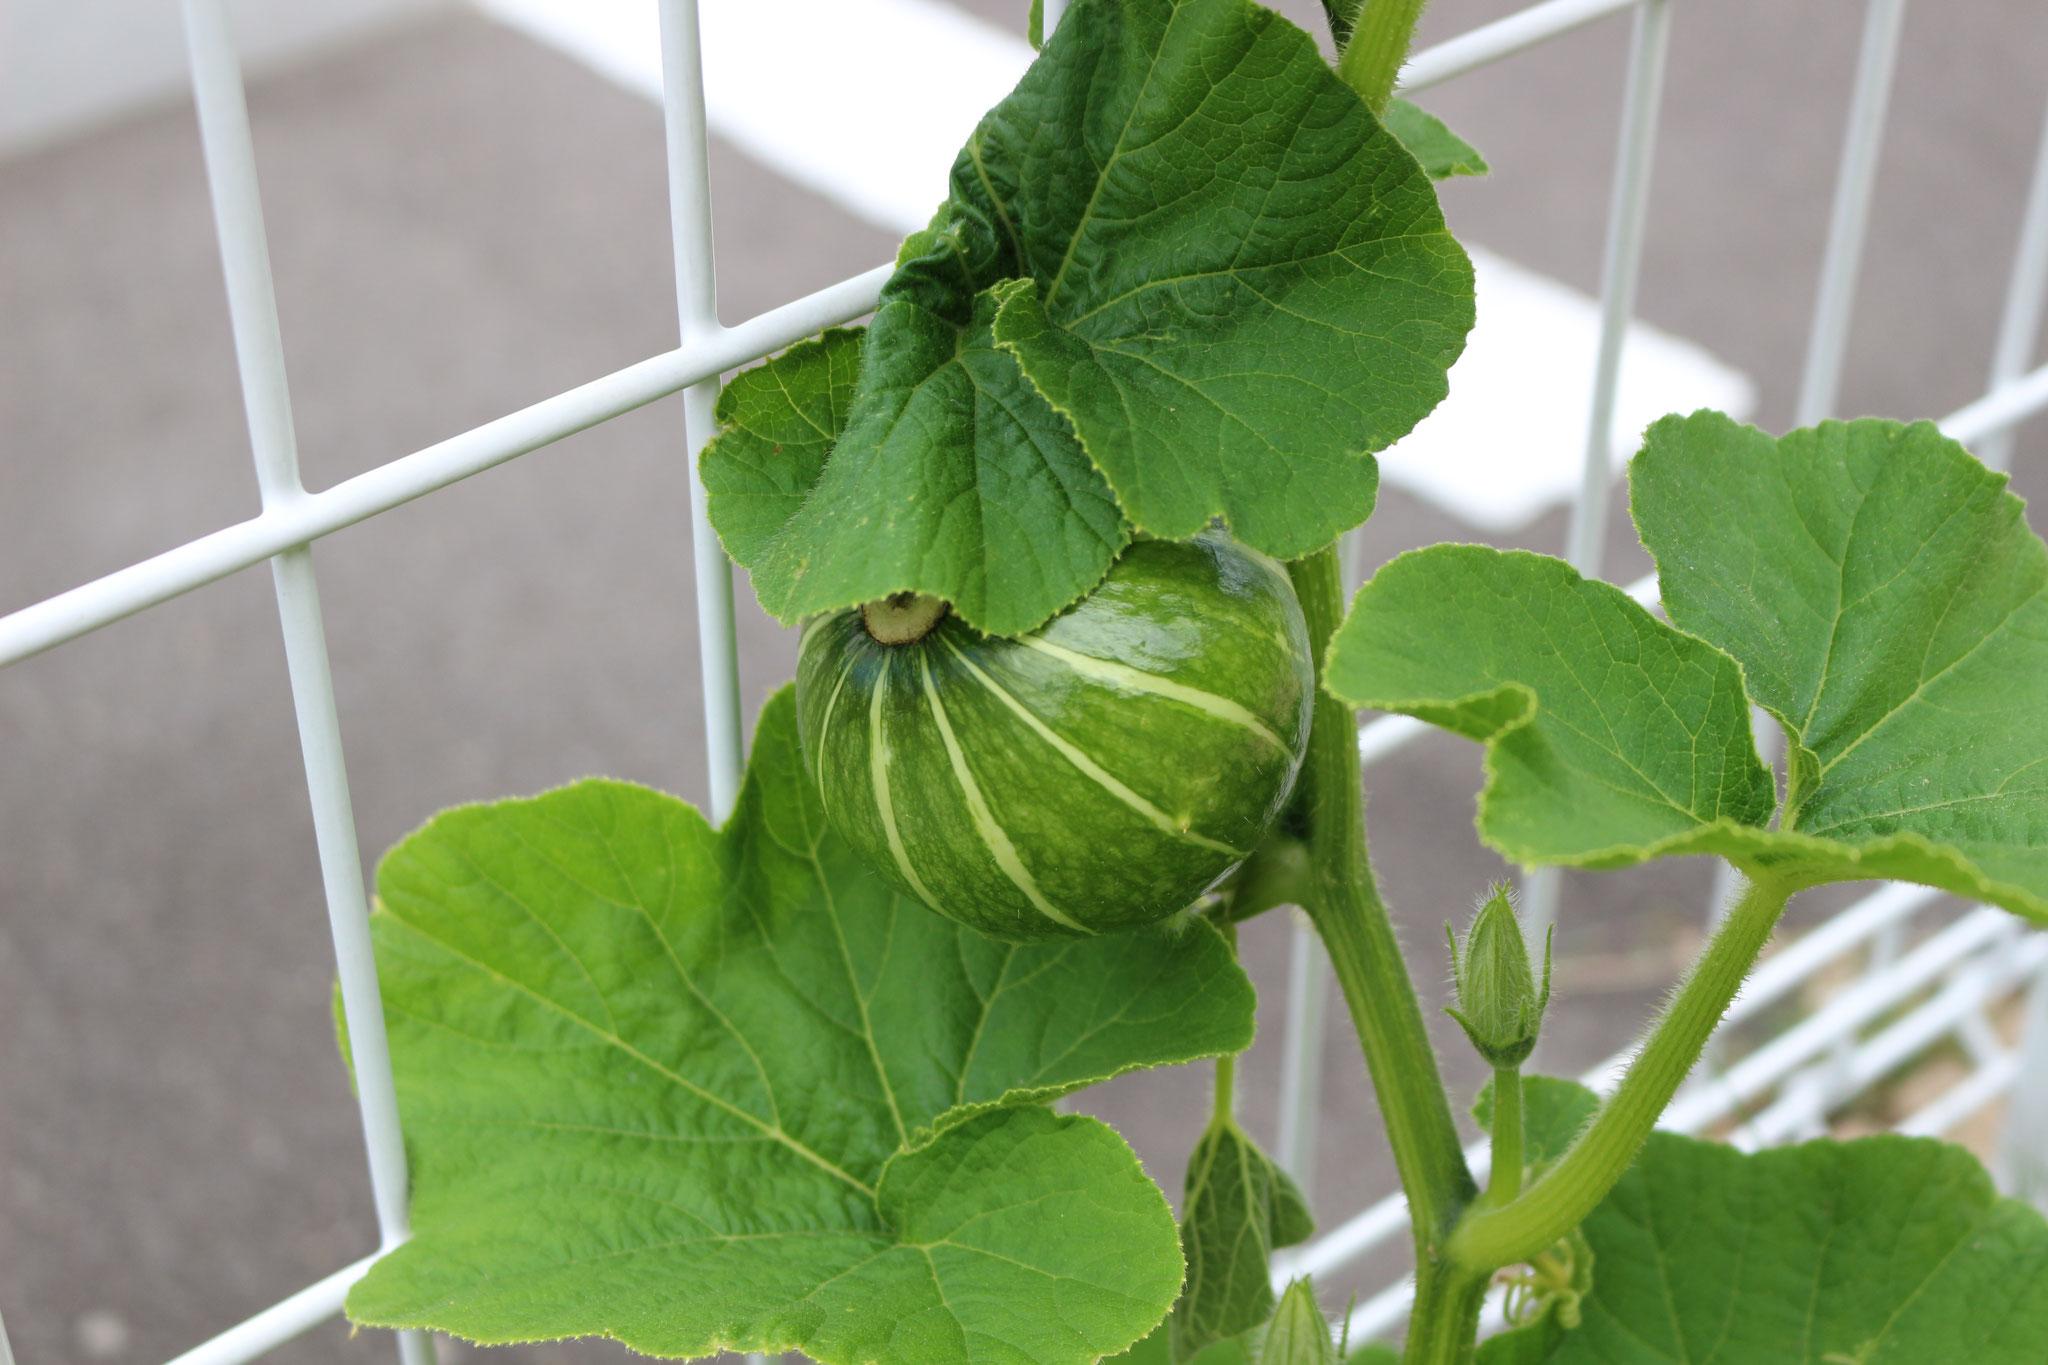 ミニカボチャもあります!小さい園庭で育てる楽しさ、不思議さ、発見を大事にしています\(^_^)/